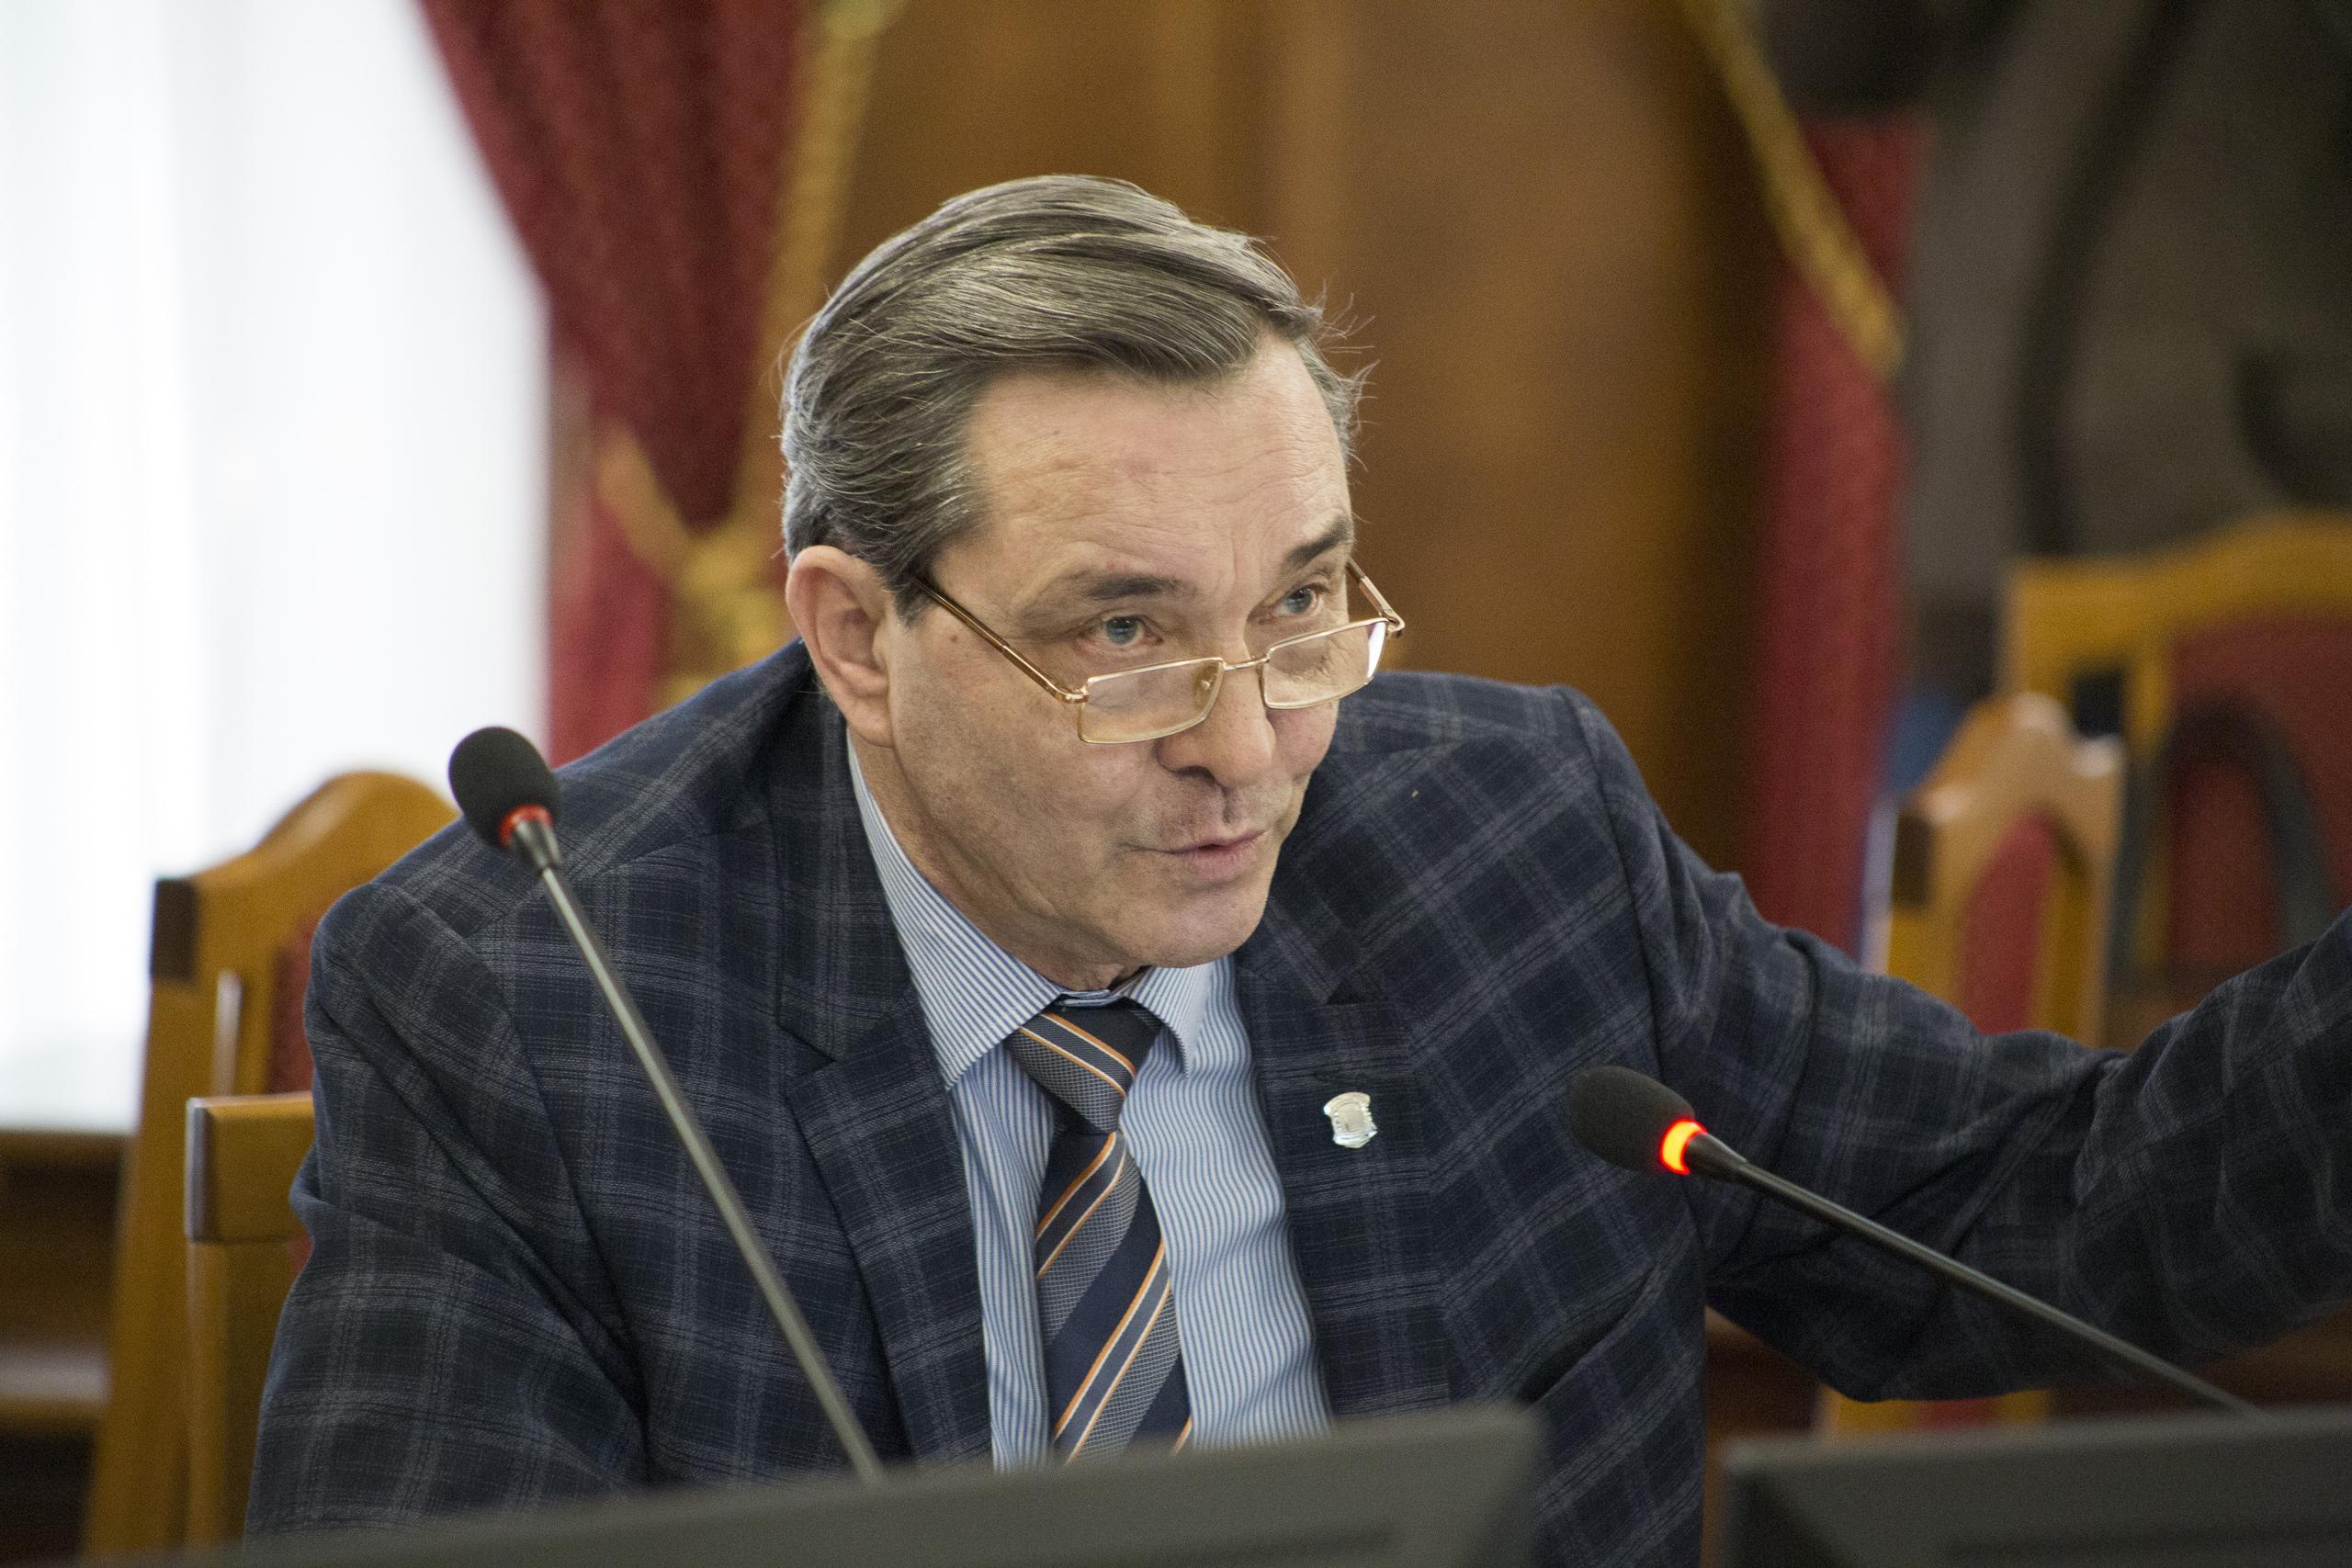 Фото Сколько придётся платить за коммуналку в 2021 году: в заксобрании НСО обсудили рост тарифов на услуги ЖКХ 5